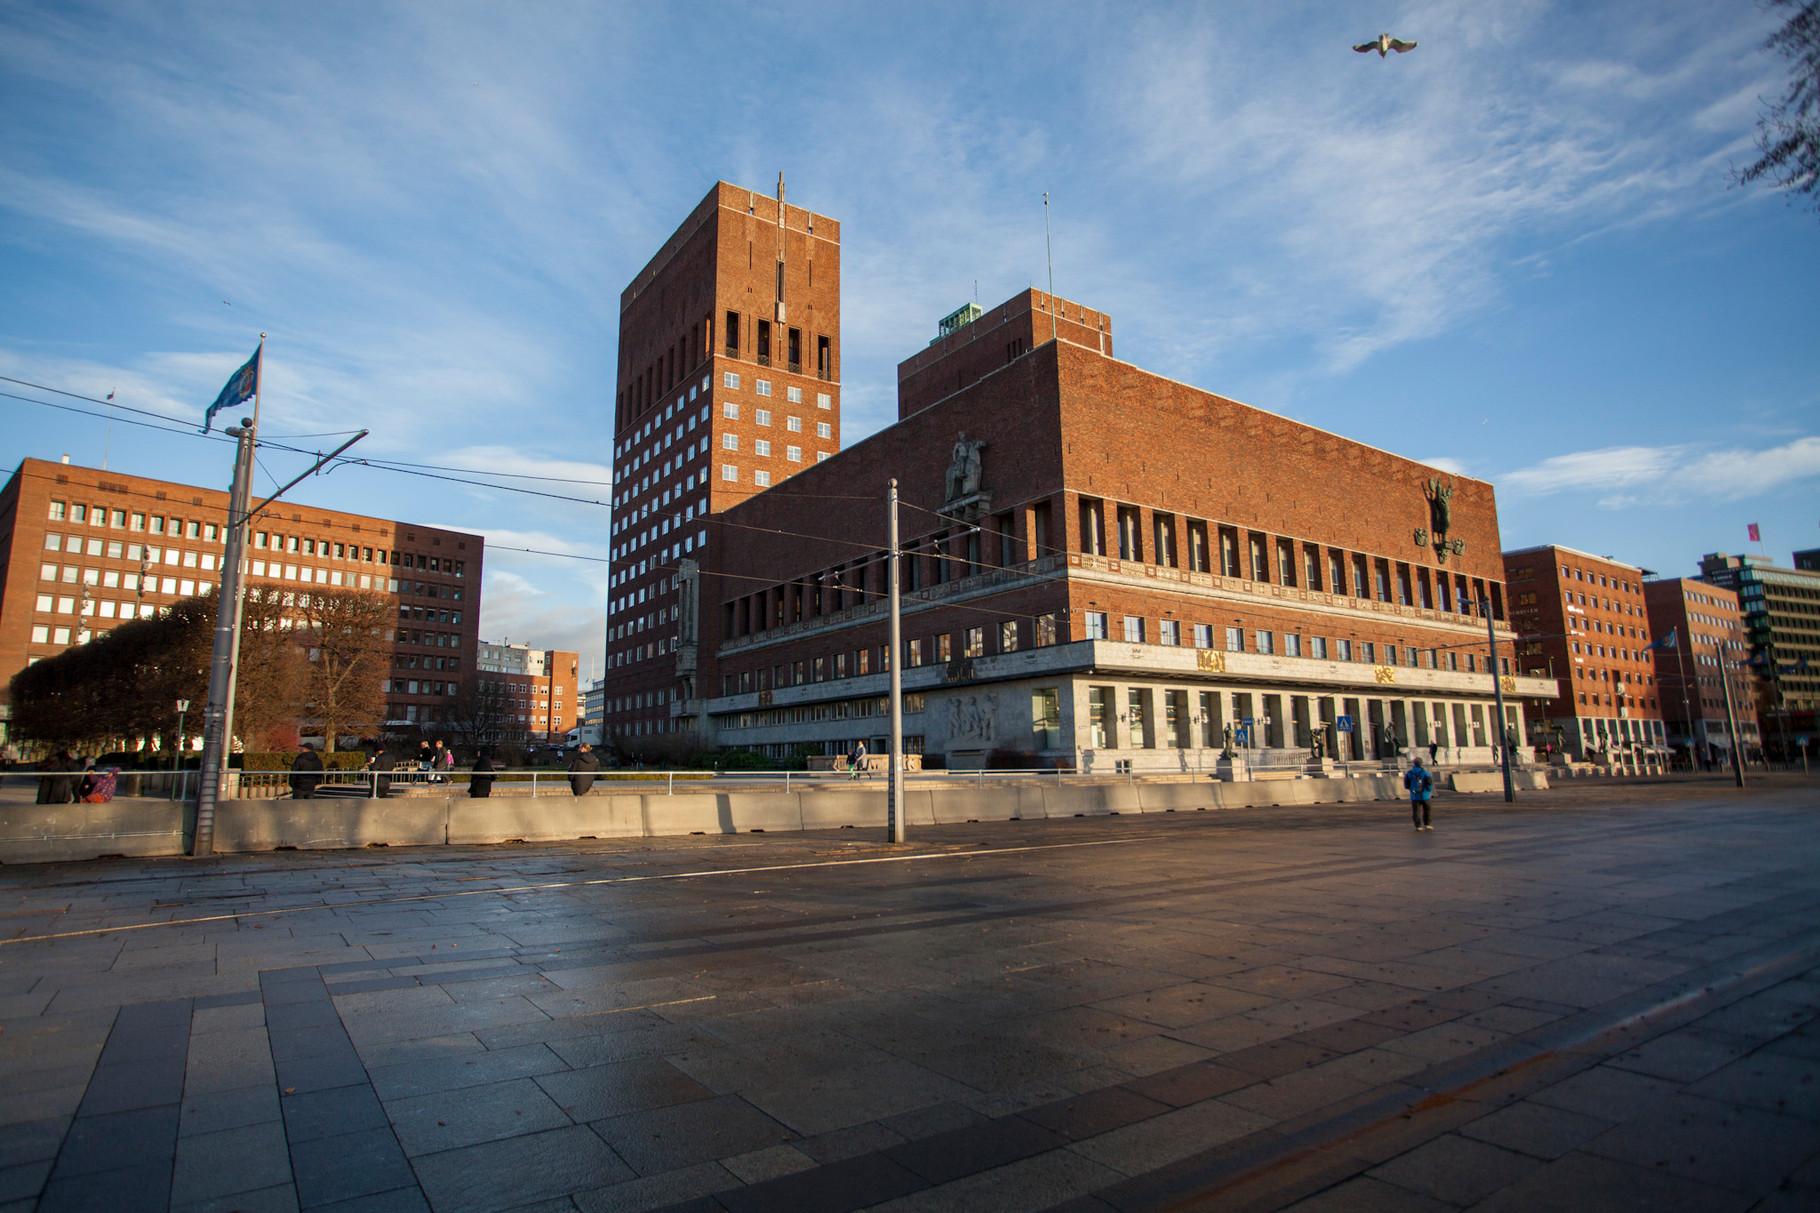 Hotel de ville d'Oslo (Radhuset)